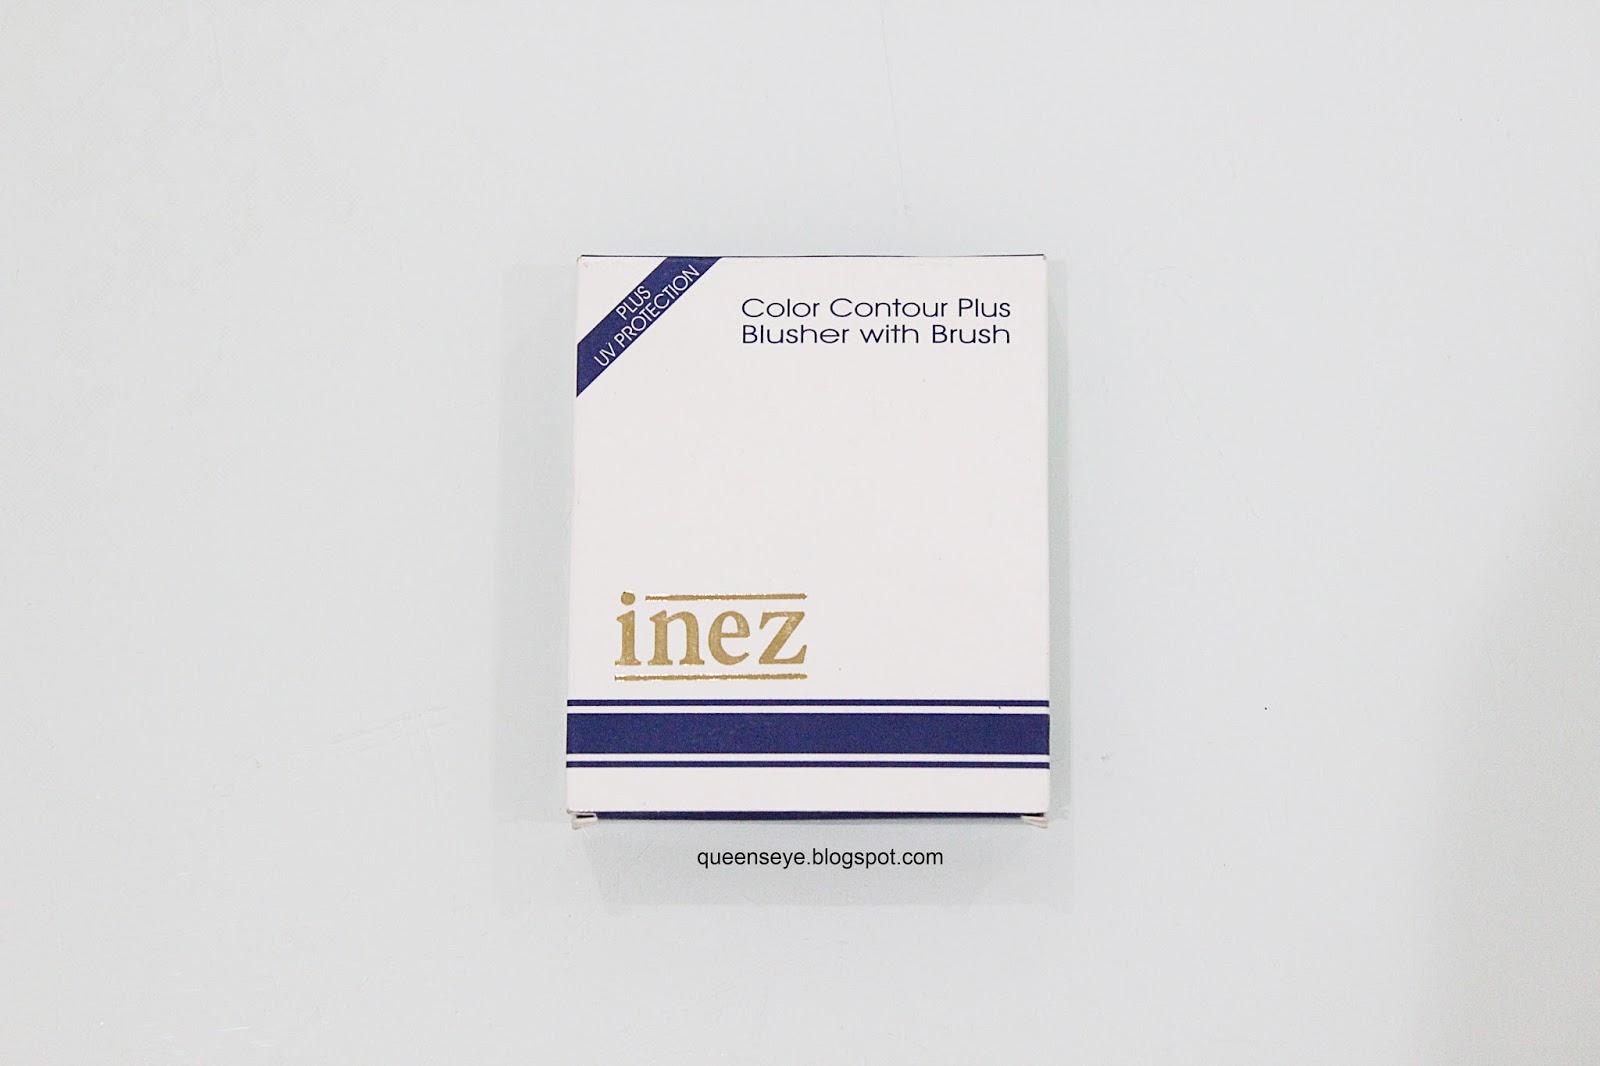 Inez Blusher 08 Gold Dipped Daftar Harga Terkini Dan Terlengkap Contour Plus Lipstick Riviera Blush Packaging Memang Nggak Menarik Terlihat Rapuh Desainnya Jadul Banget Warna Biru Gelap